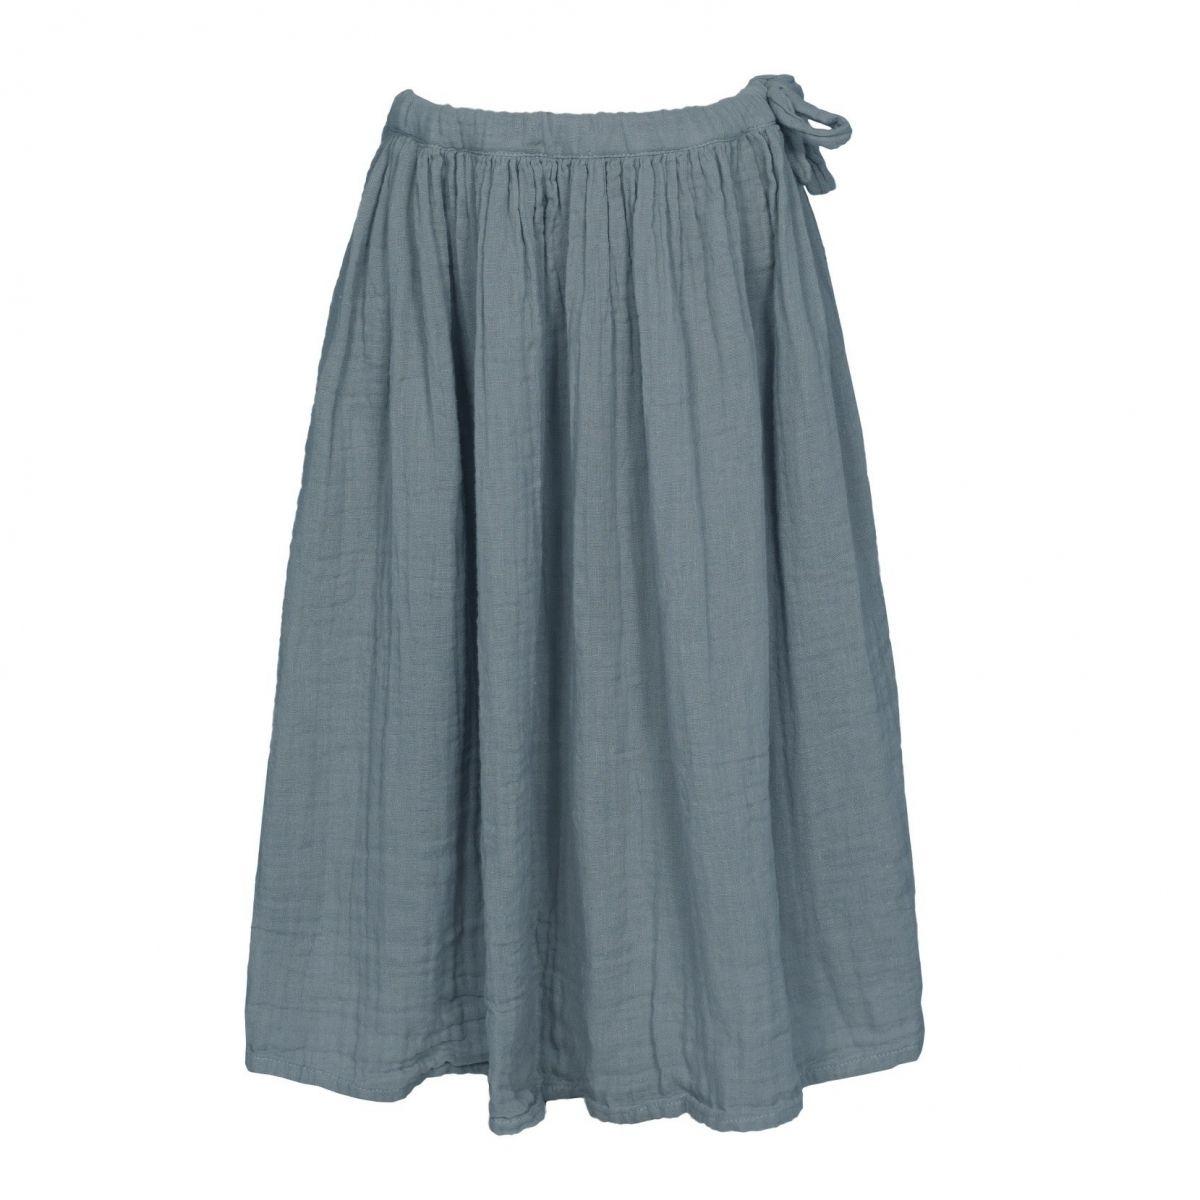 Skirt for girls Ava long ice blue - Numero 74